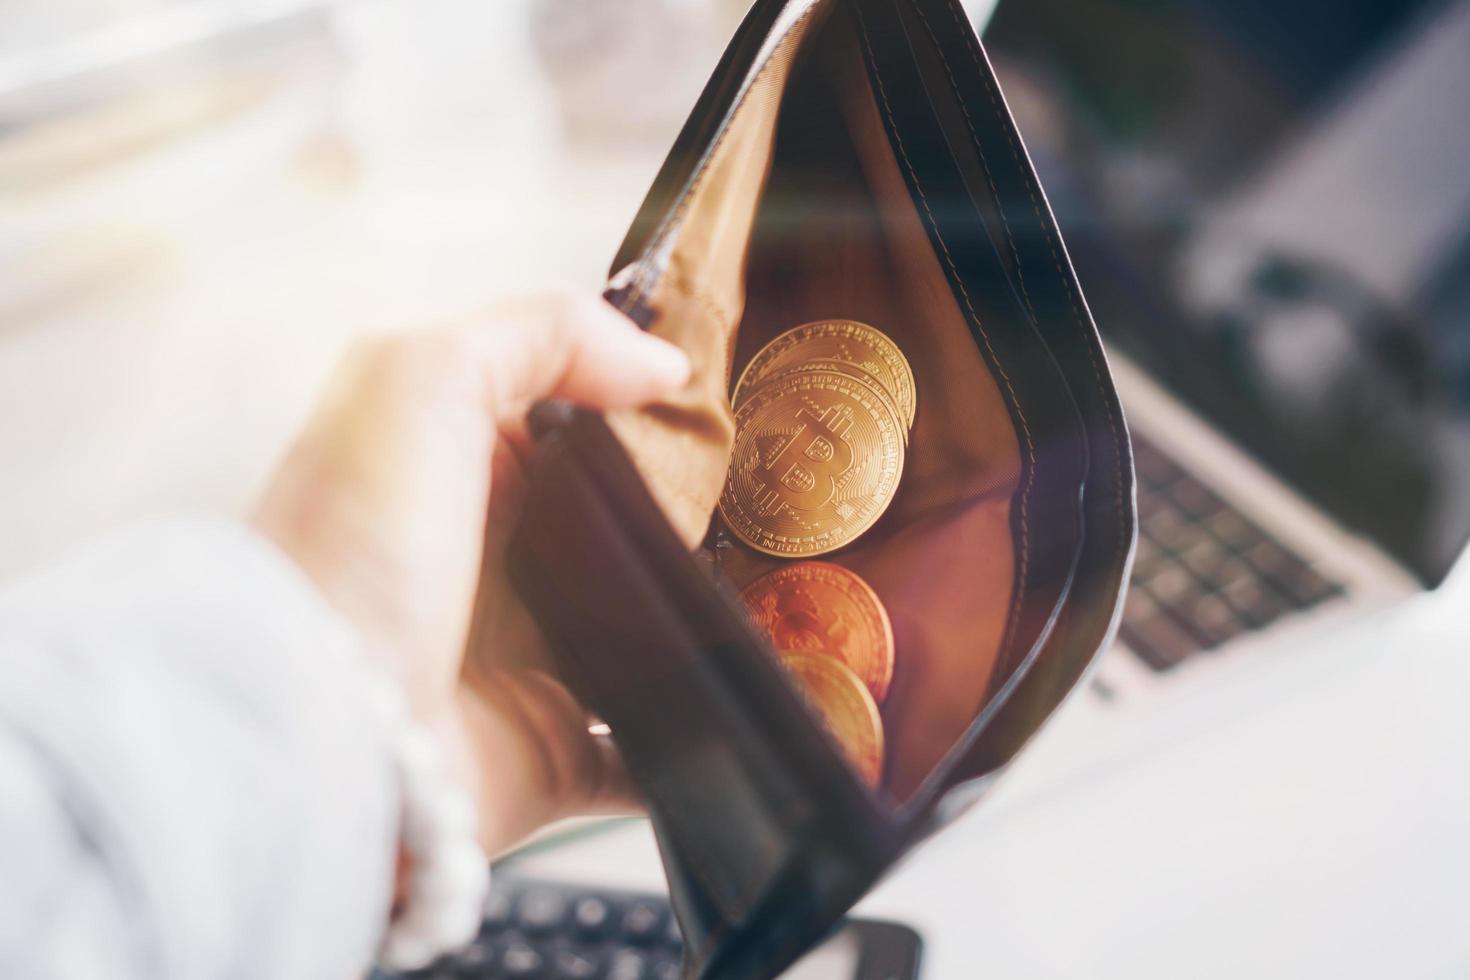 bitcoin muntsymbool van cryptocurrency digitaal geld. geld voor de toekomst in lederen portemonnee. waarde opslaan of geld besparen in bitcoin. foto